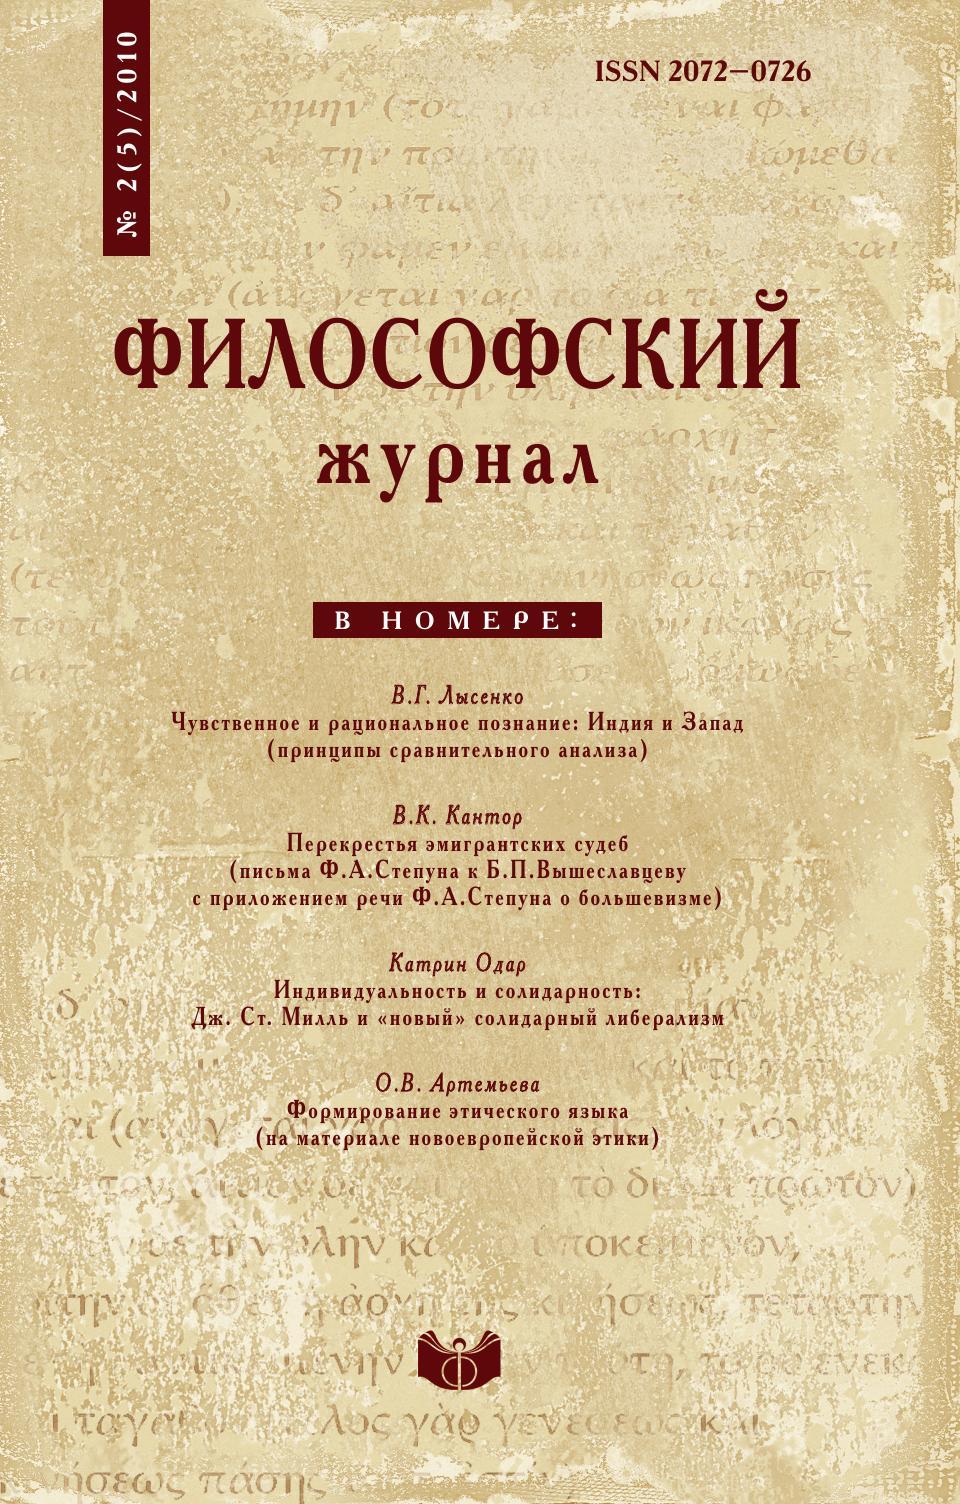 сборник Философский журнал. .2 (5) 2010